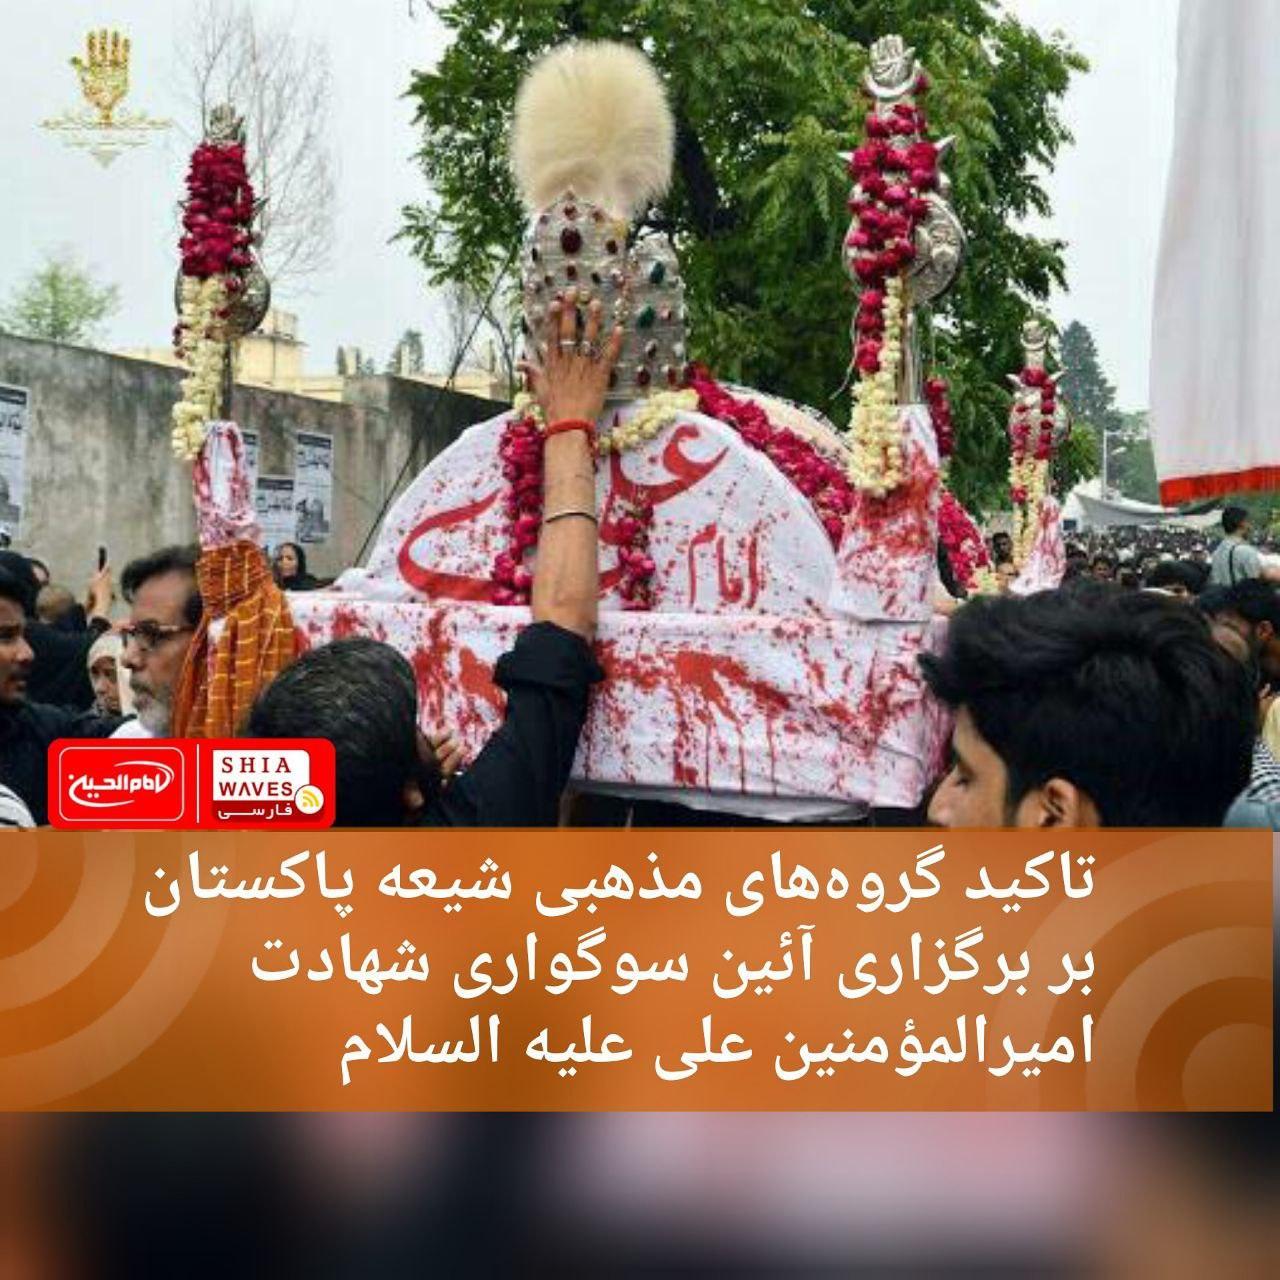 تصویر تاکید گروههای مذهبی شیعه پاکستان بر برگزاری آئین سوگواری شهادت امیرالمؤمنین علی علیه السلام